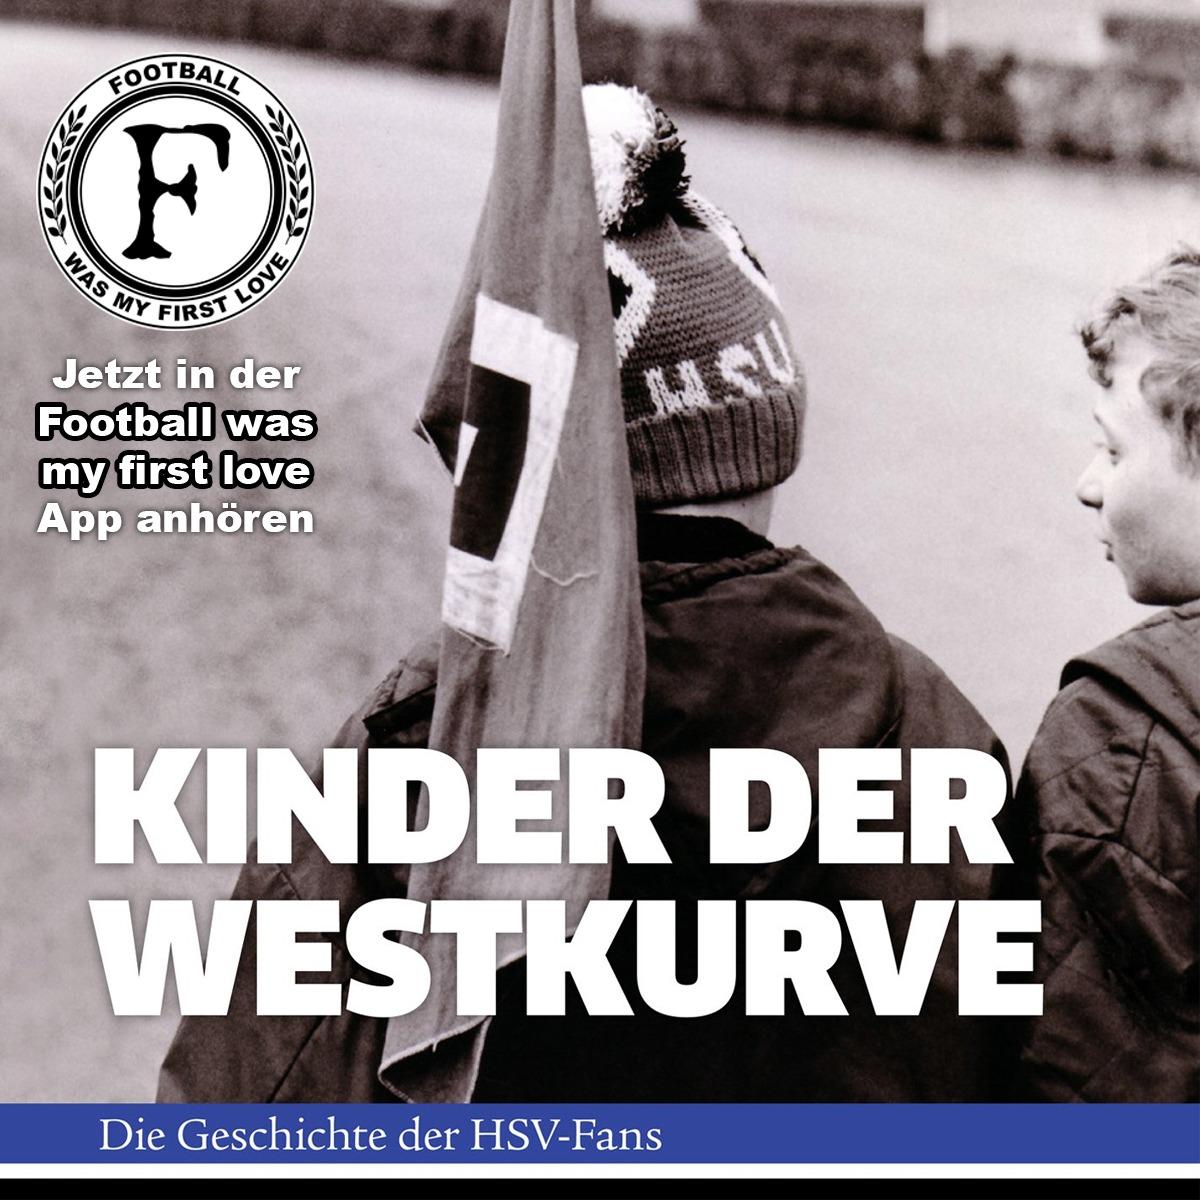 Kinder der Westkurve - das legendäre Buch aus der Fanszene des HSV